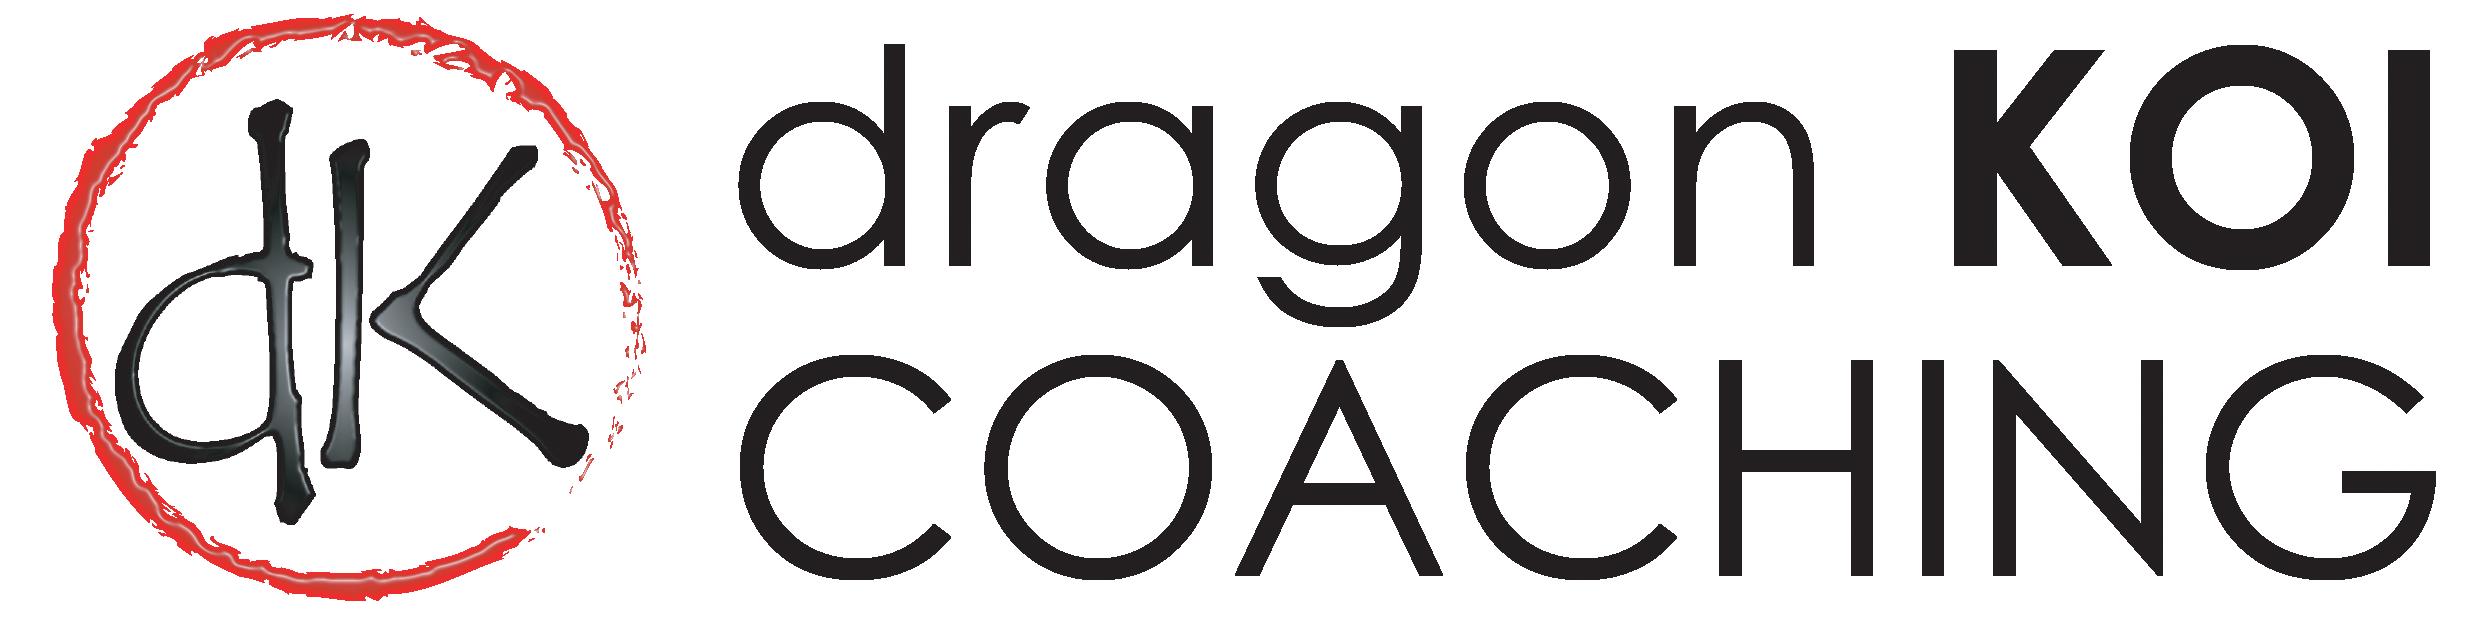 dK Coaching Logo long.png